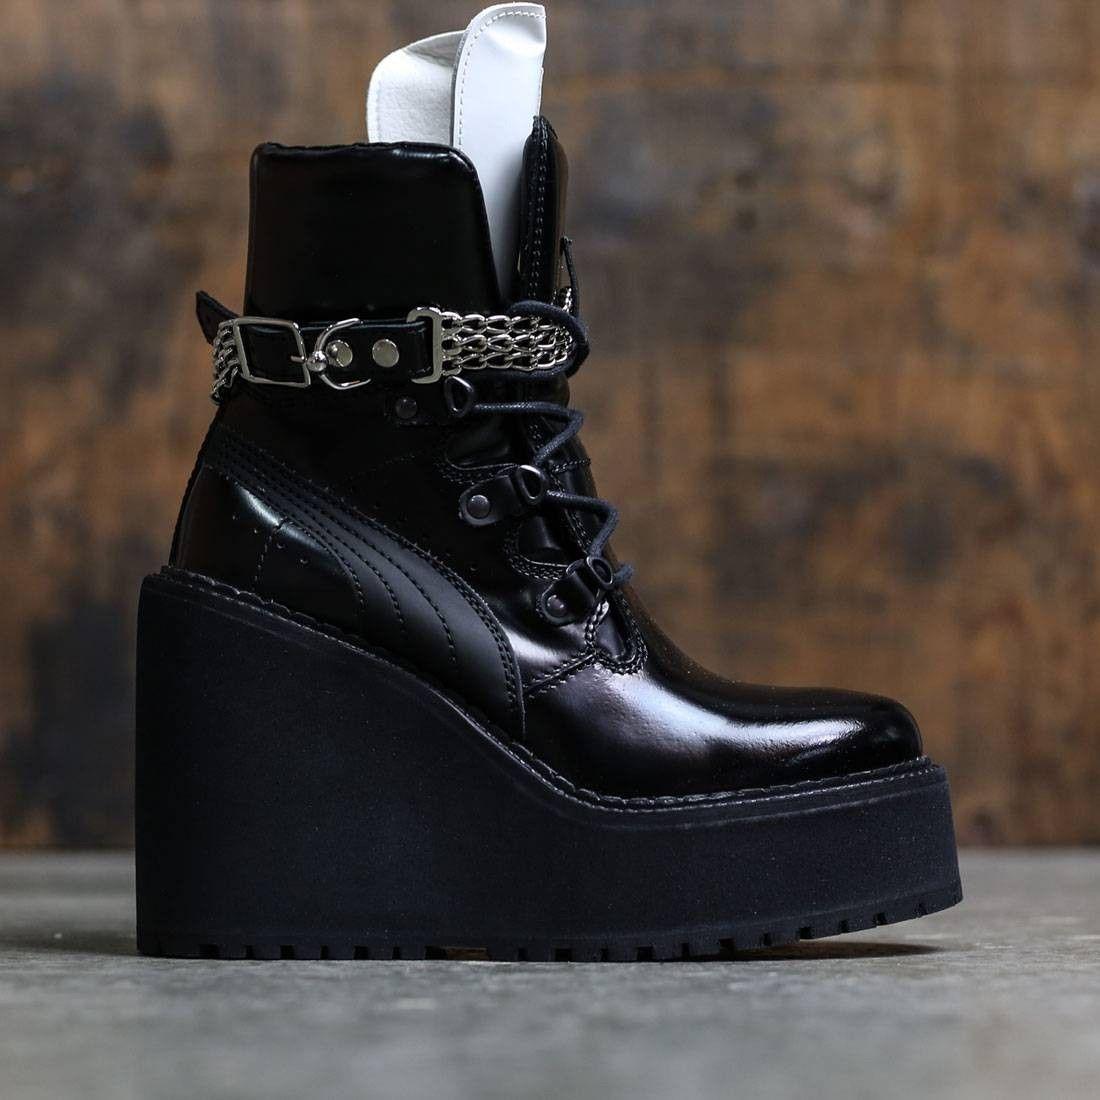 725dcc1af12 Shoe · Sock · Puma x Fenty By Rihanna Women SB Wedge (black)